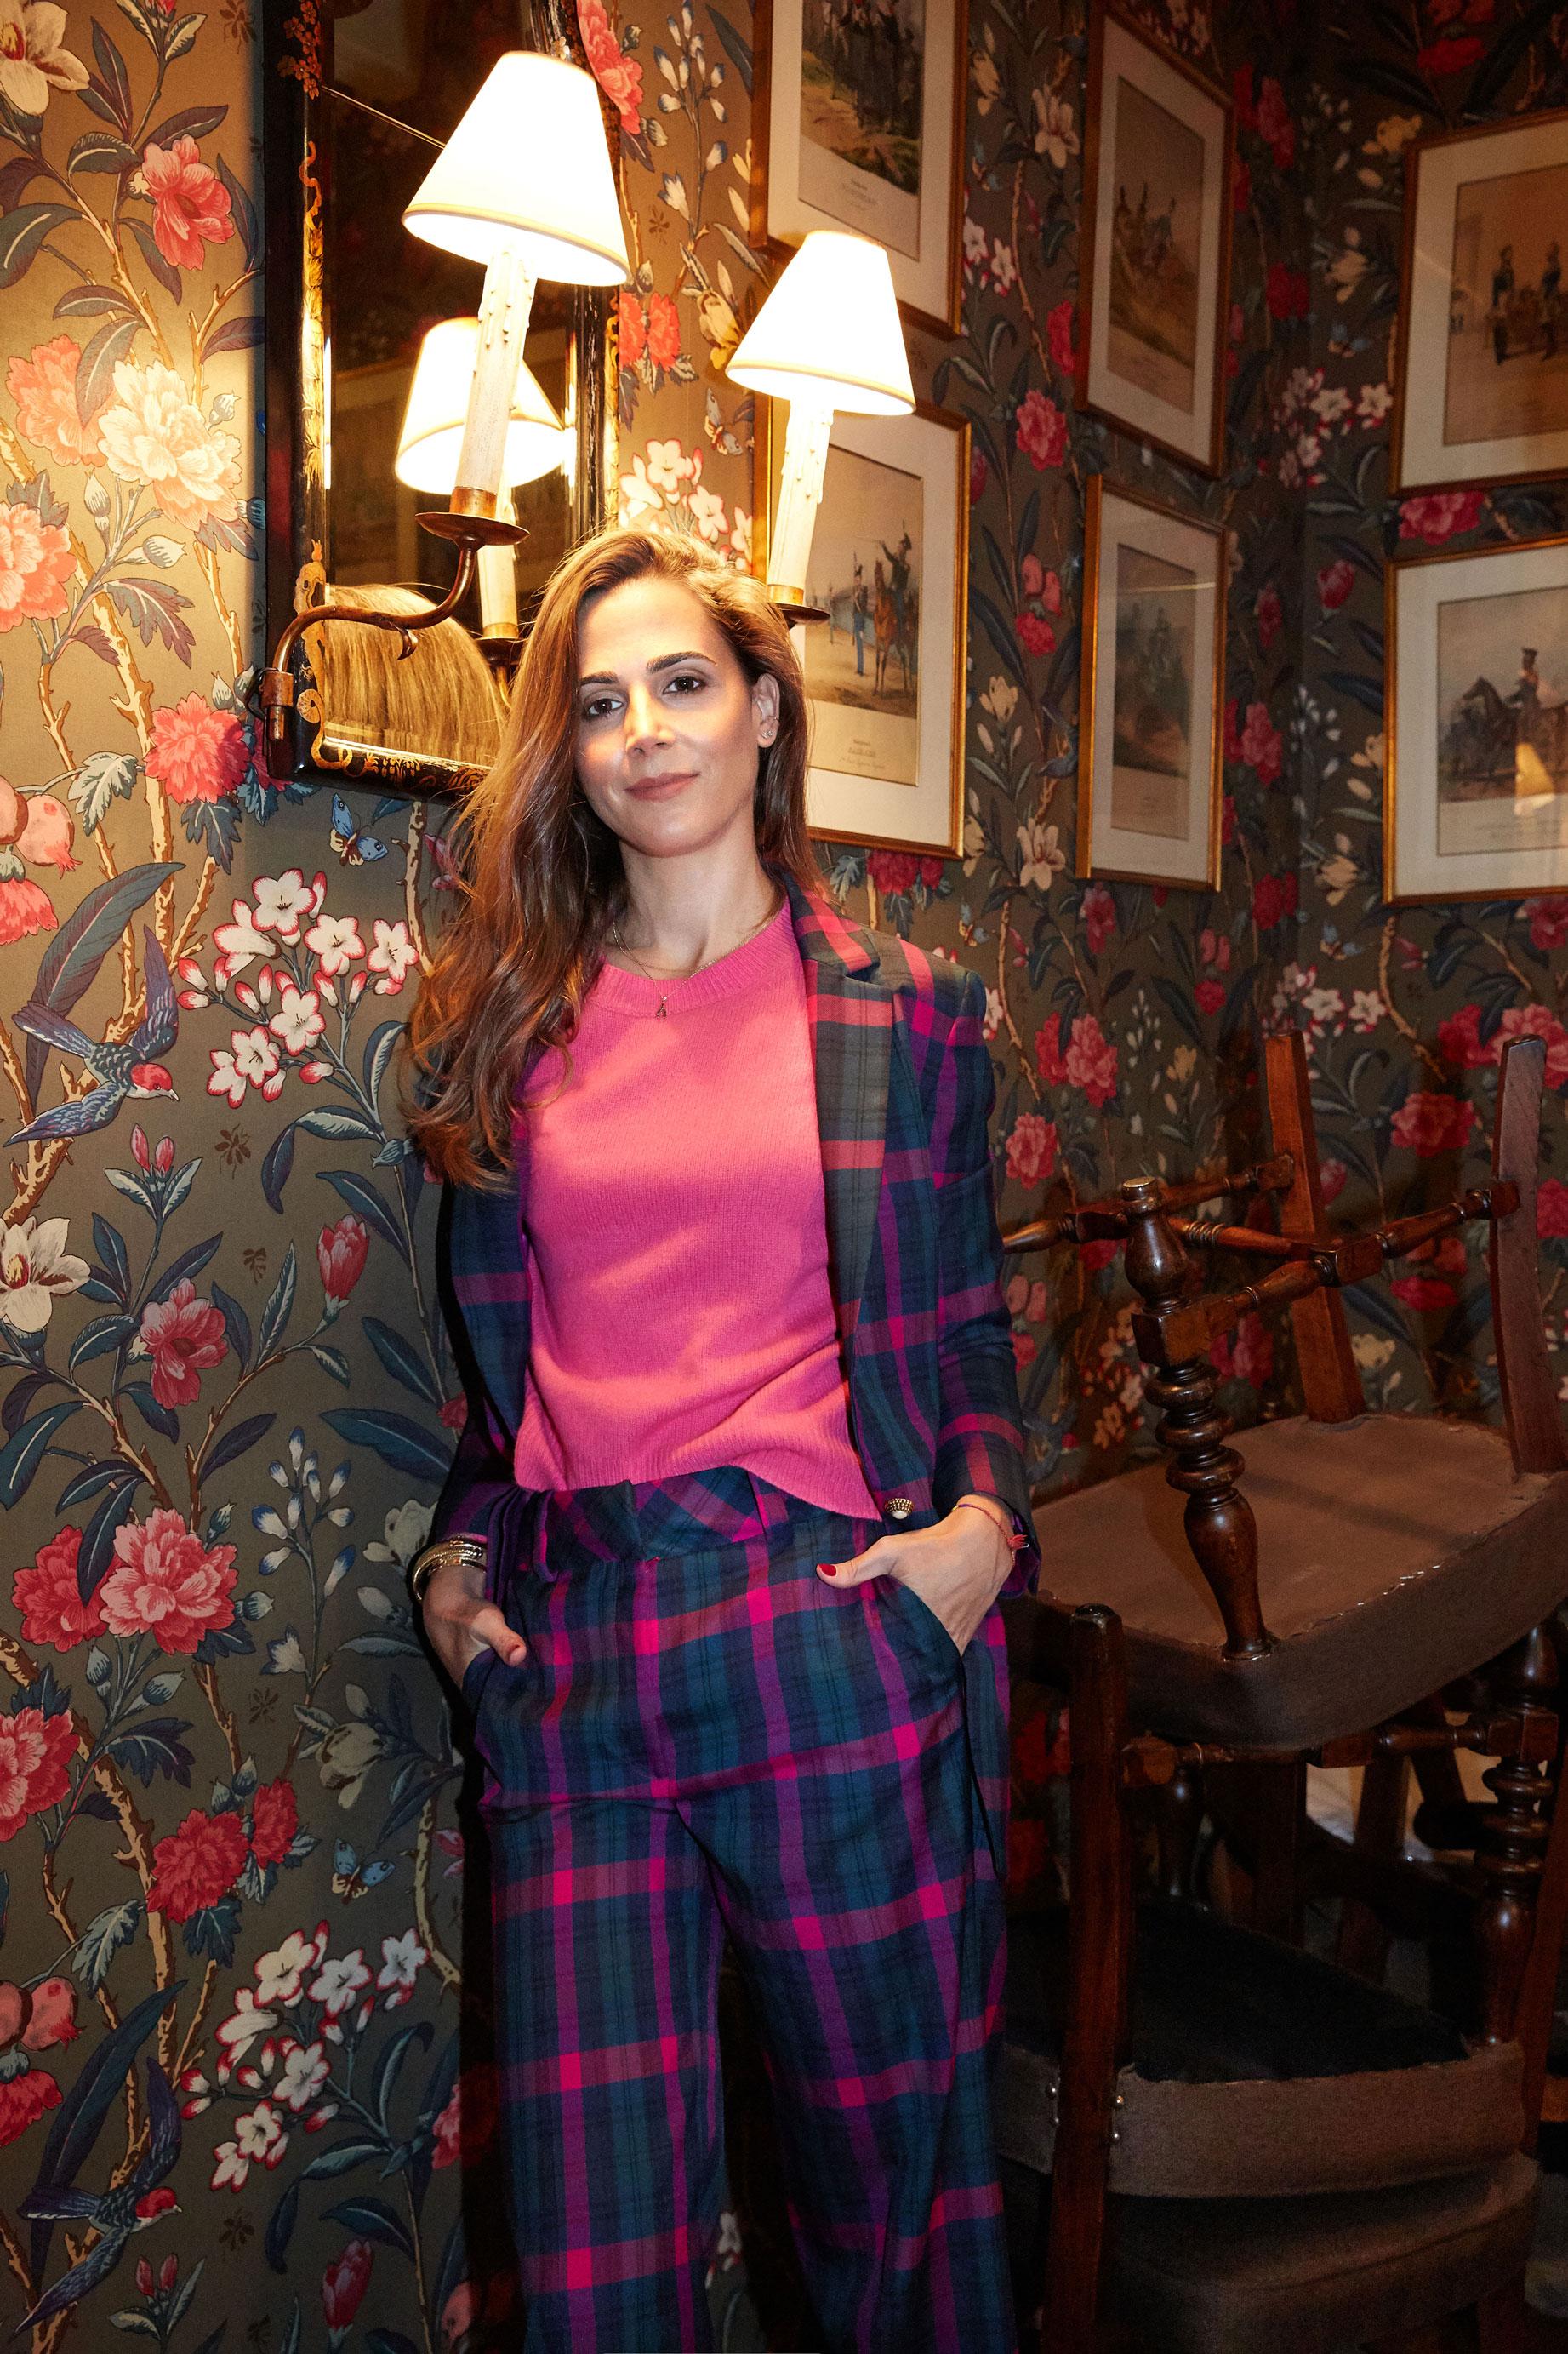 Elizabeth Horcher lleva jersey fucsia de cashmere de Zara. Americana y pantalón de cuadros tartán de Uterque (Foto: Olga Moreno)